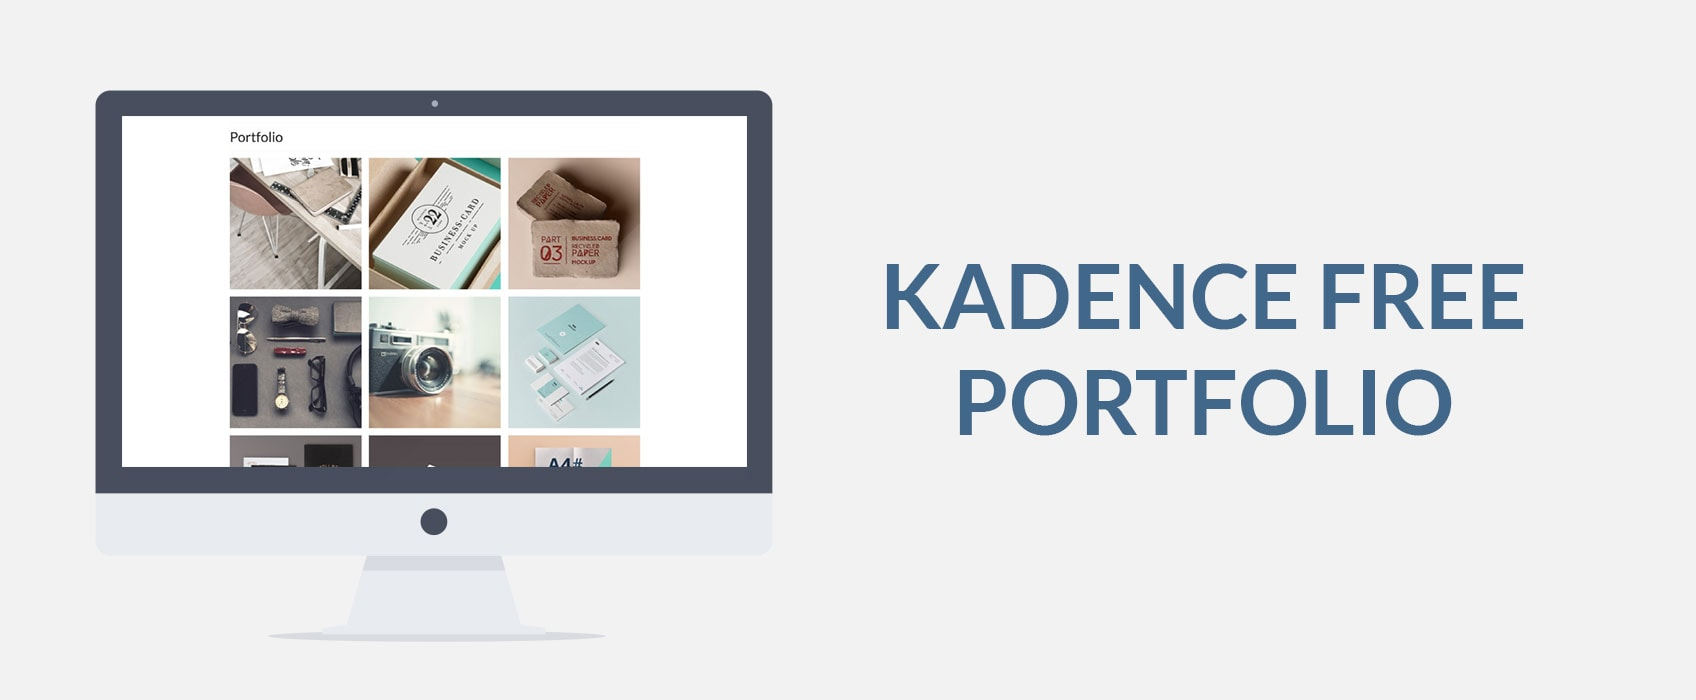 creating a portfolio page kadence themes kadence themes creating a portfolio page kadence themes